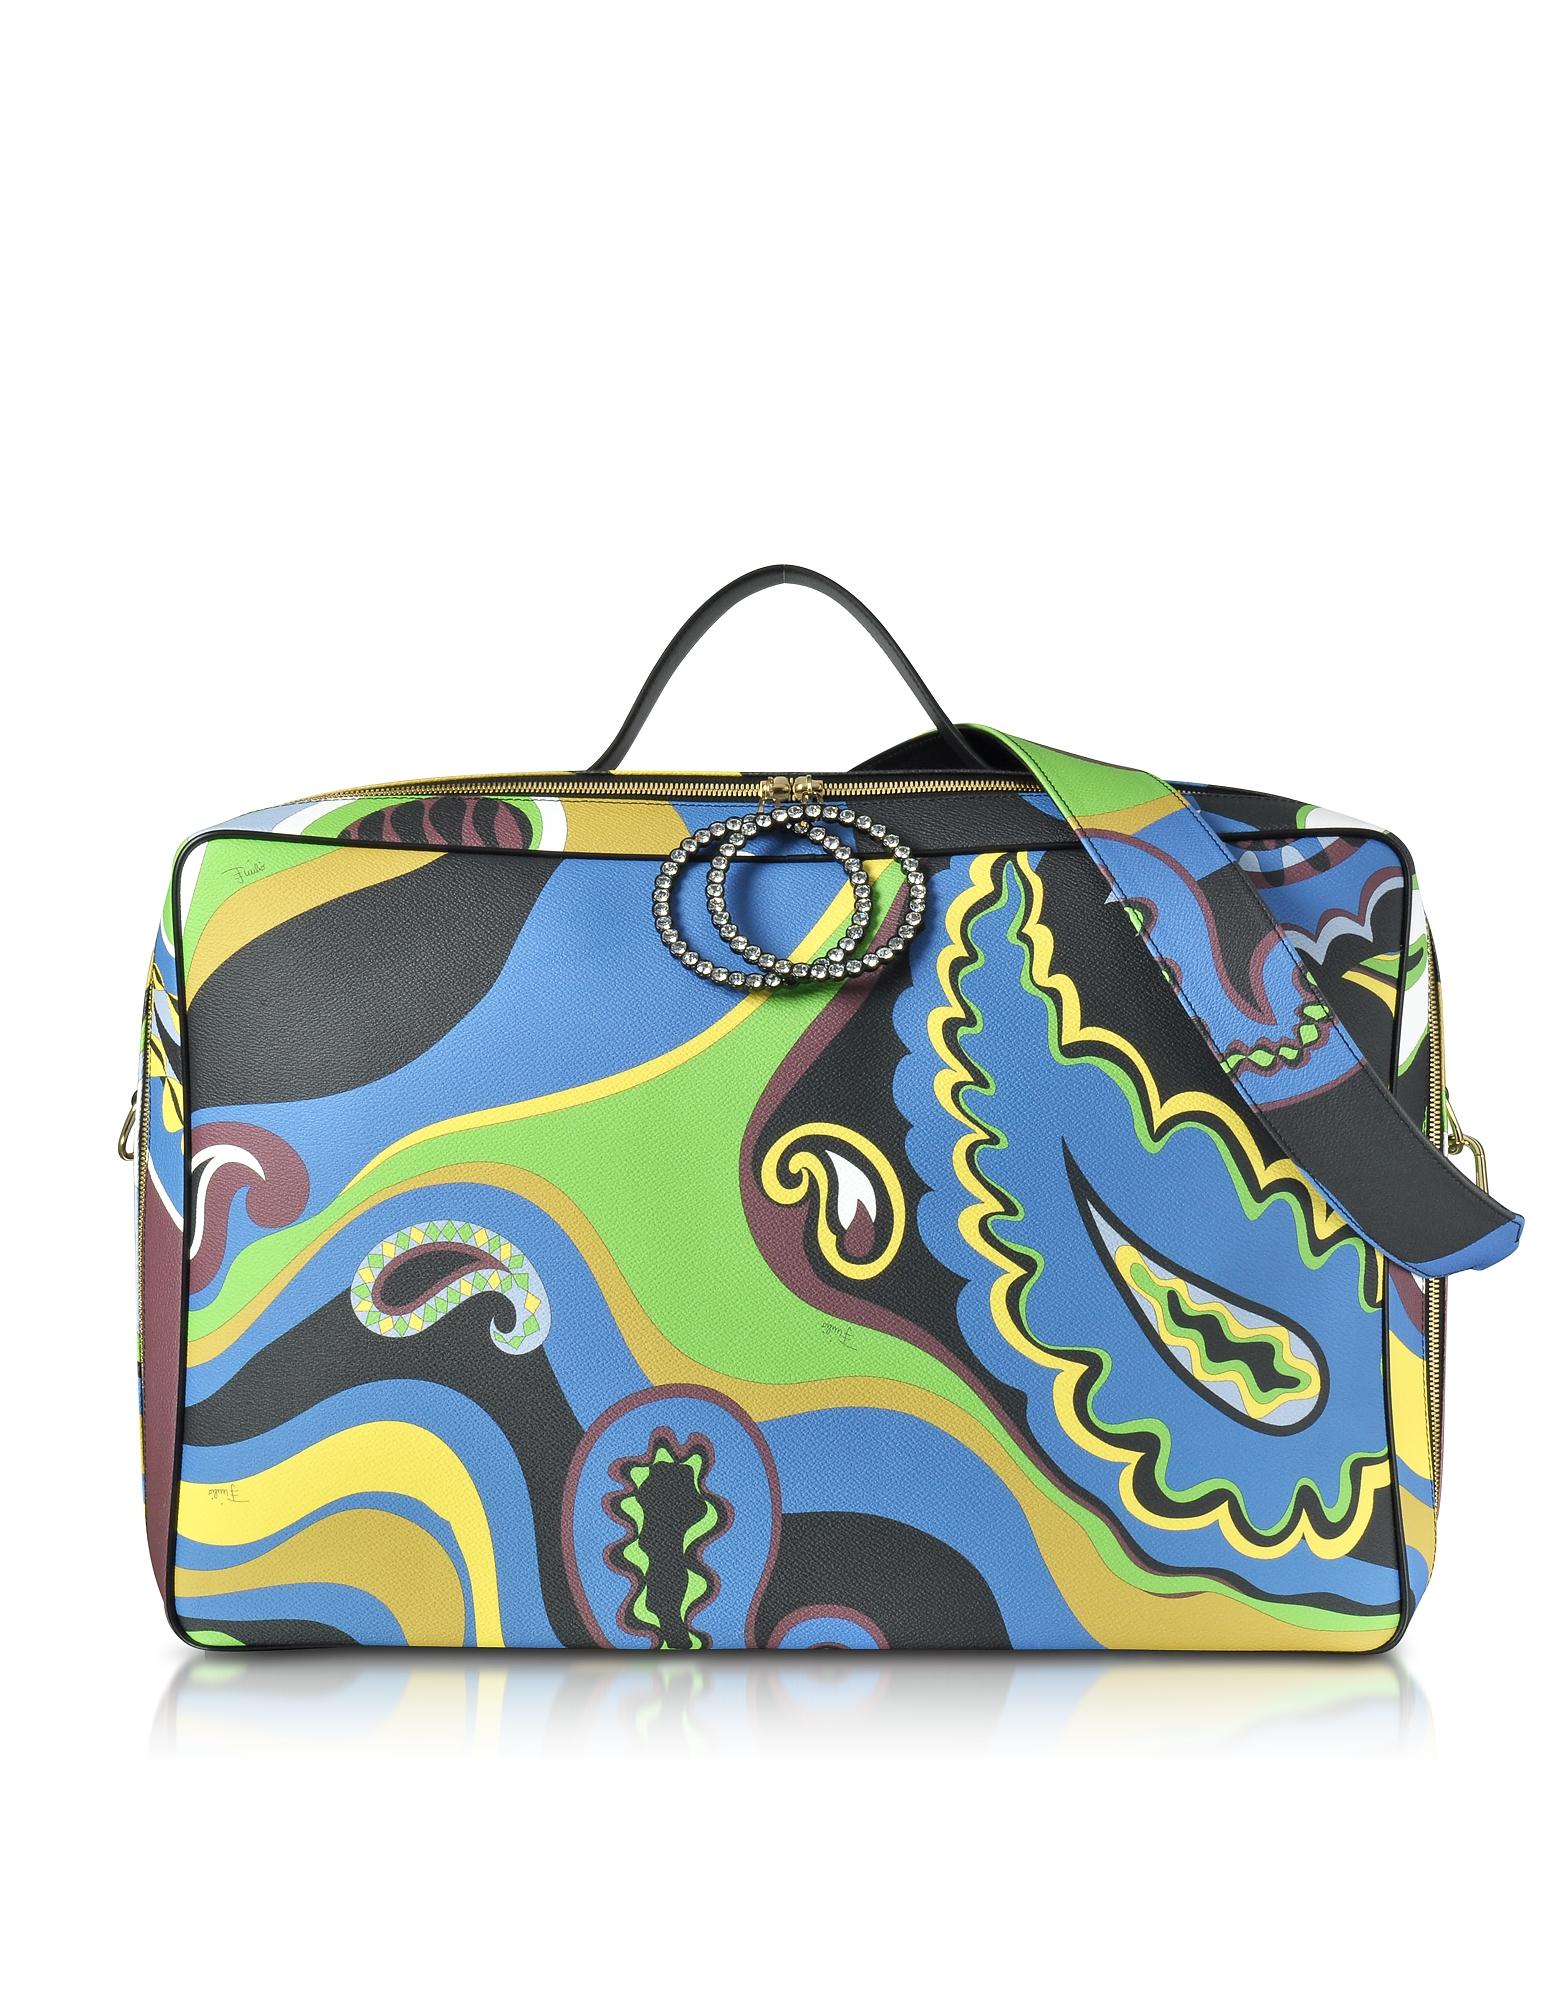 Emilio Pucci Handbags, Pervinca Optical Print Oversized Top-Handle Bag